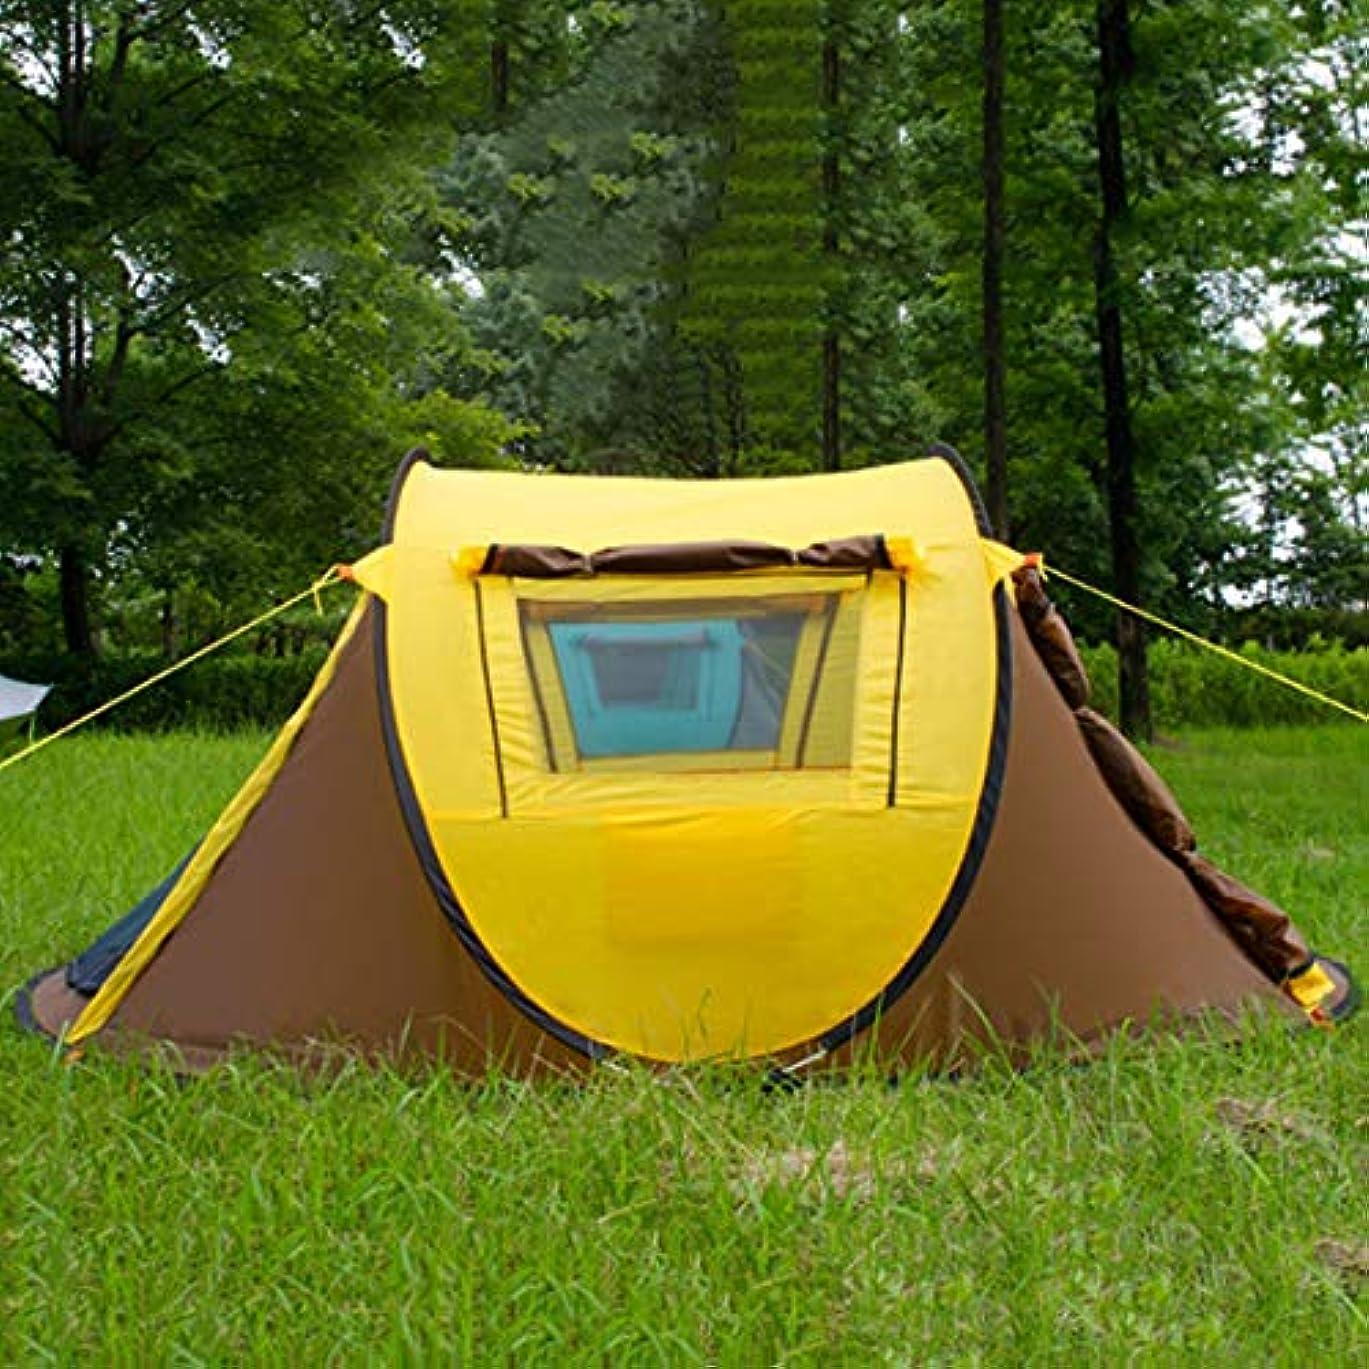 負要件分数Freahap テント ワンタッチテント ワンタッチ メッシュスクリーン ビーチテント アウトドア 3~4人用 登山 キャンプ ドームテント ワンポールテント 二層構造 防雨 防風 3人用 防水 バッグ付き 通気性